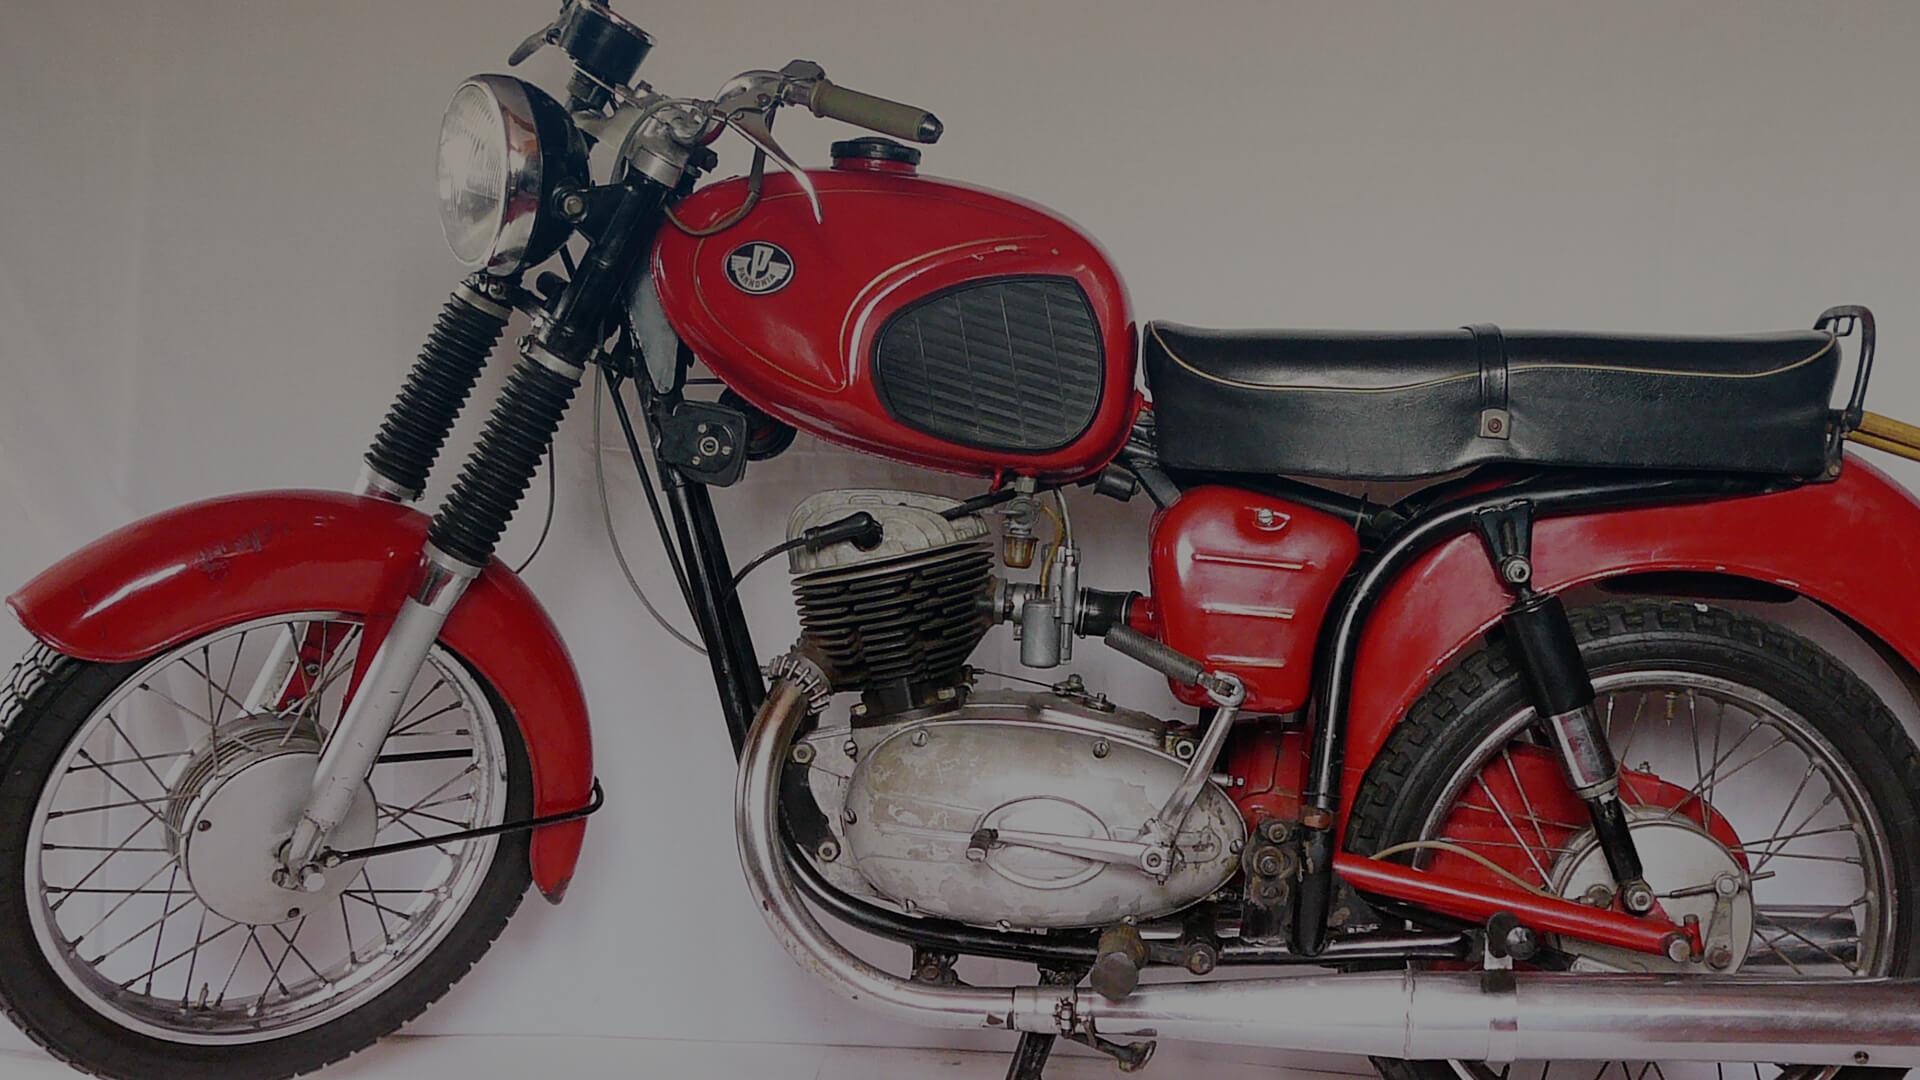 PANNONIA P12, 247 cc, 1974